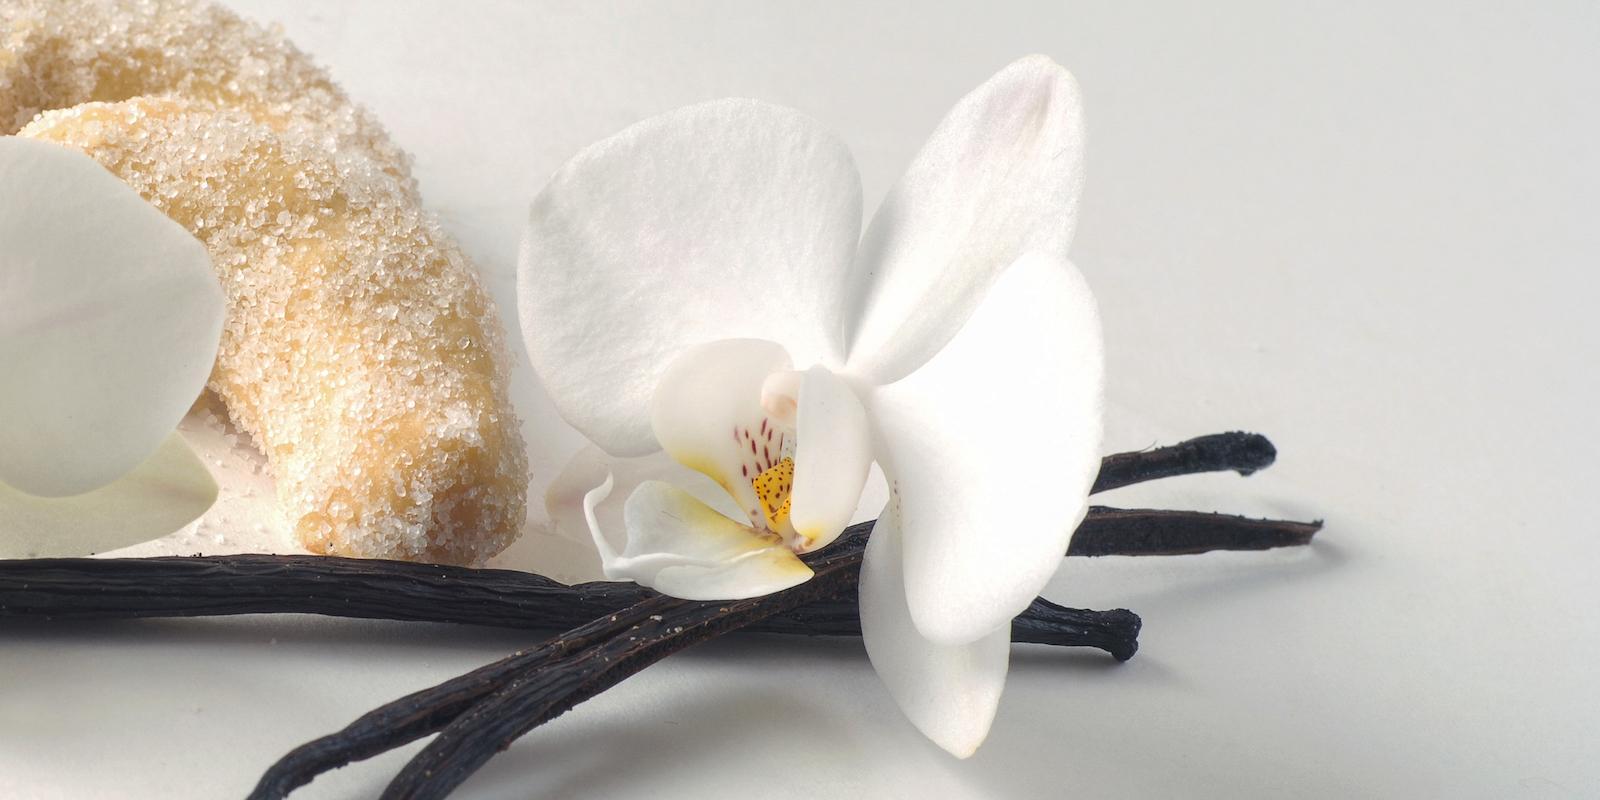 Užití vanilky a několik domácích receptů